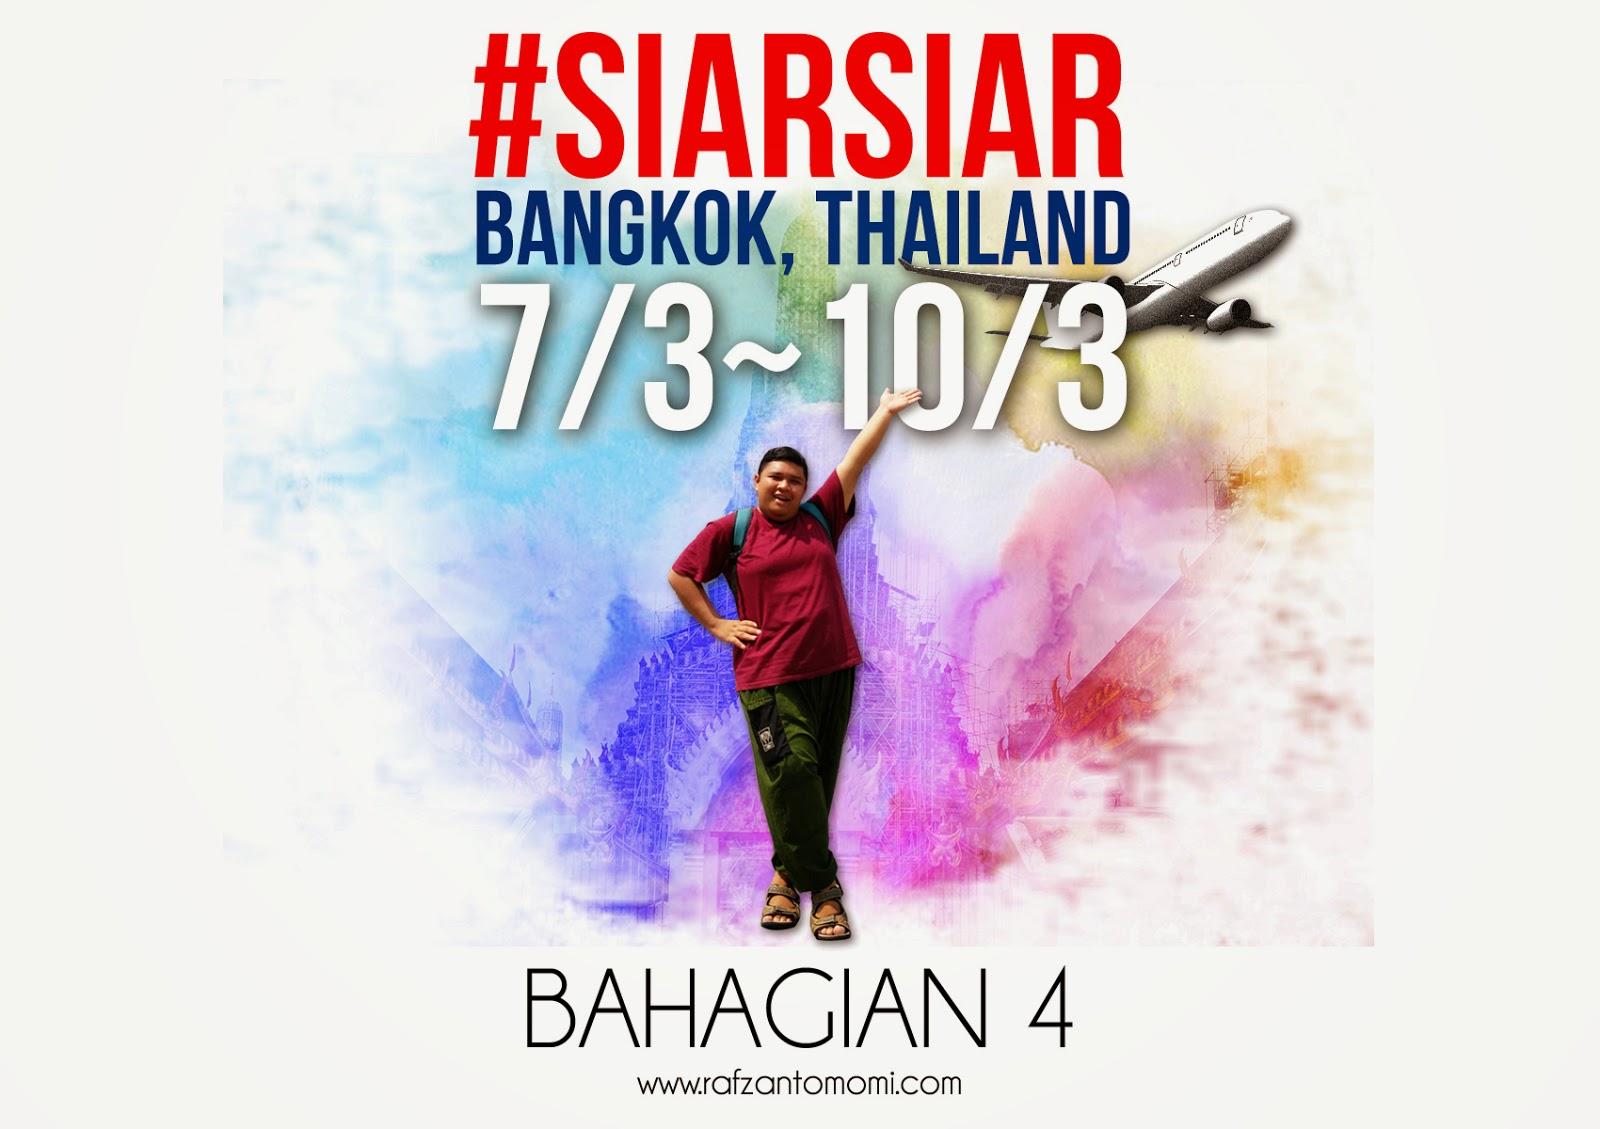 Siarsiar Bangkok Thailand 7 3 10 3 Bahagian 4 Madame Tussauds